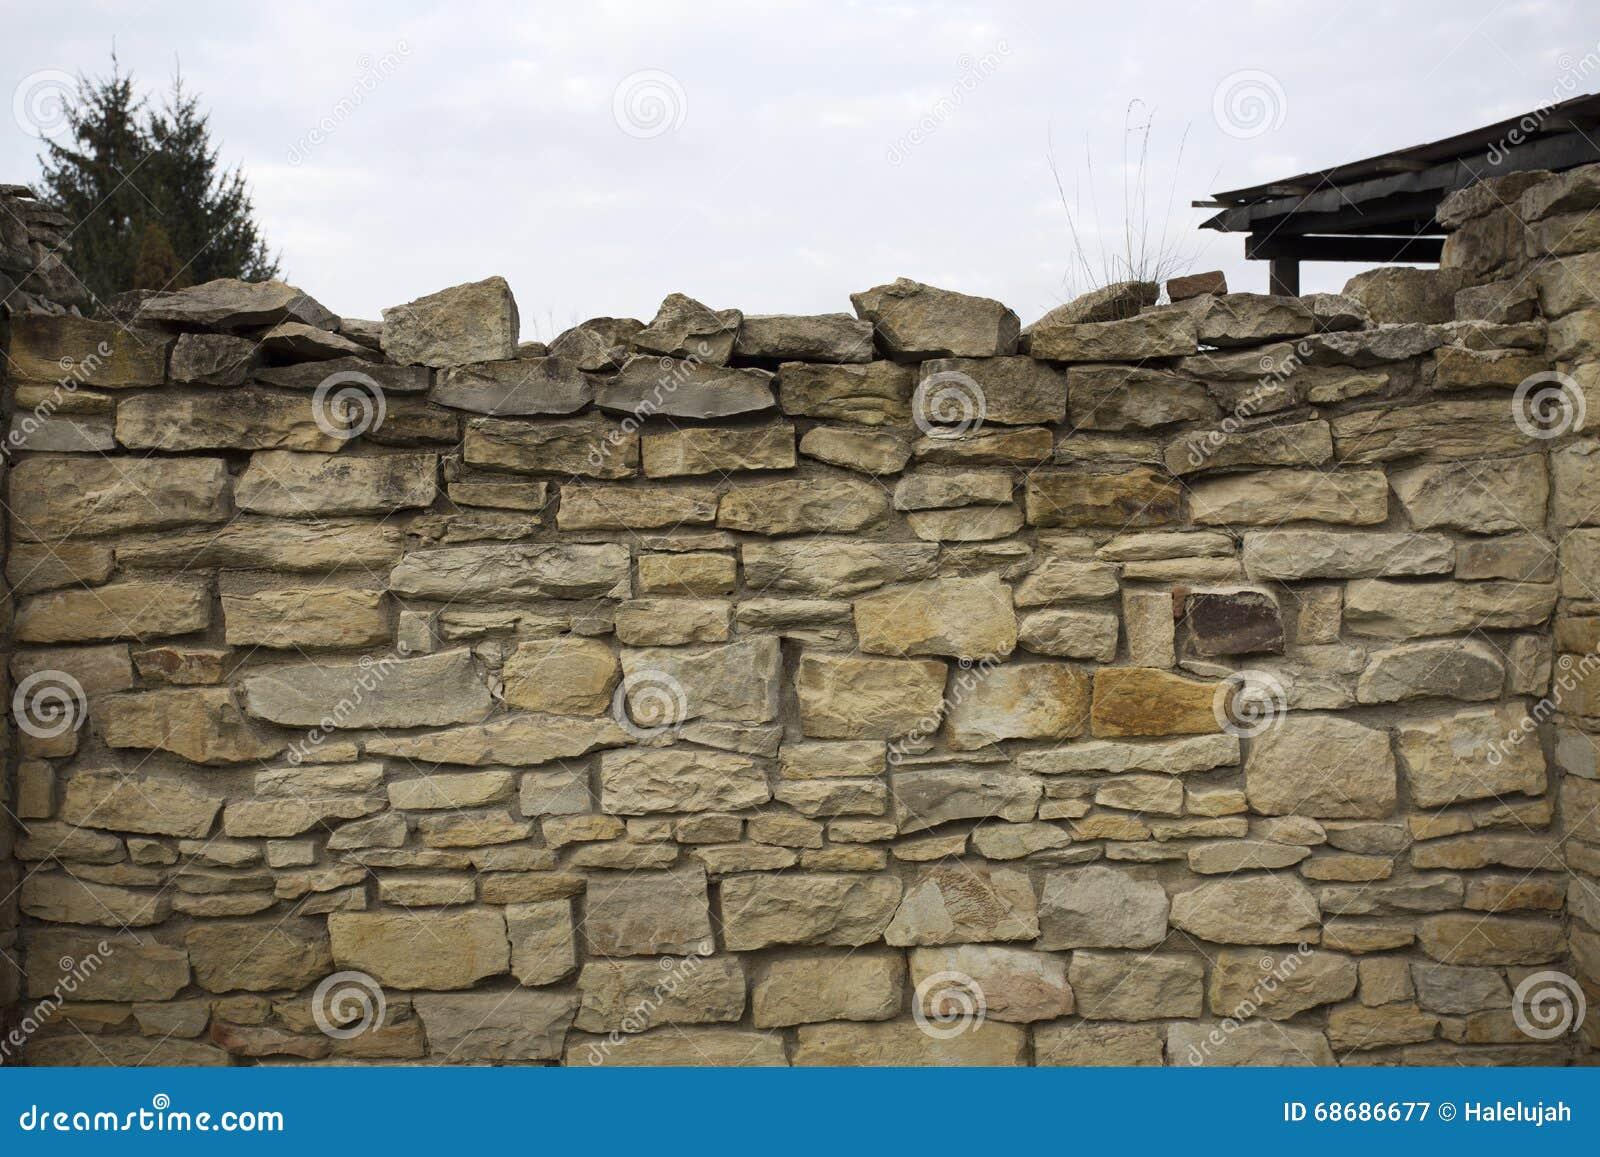 Textuur van de steen de oude muur oude rotsblokken in oude middeleeuwse baksteen stock - Muur steen duidelijk ...